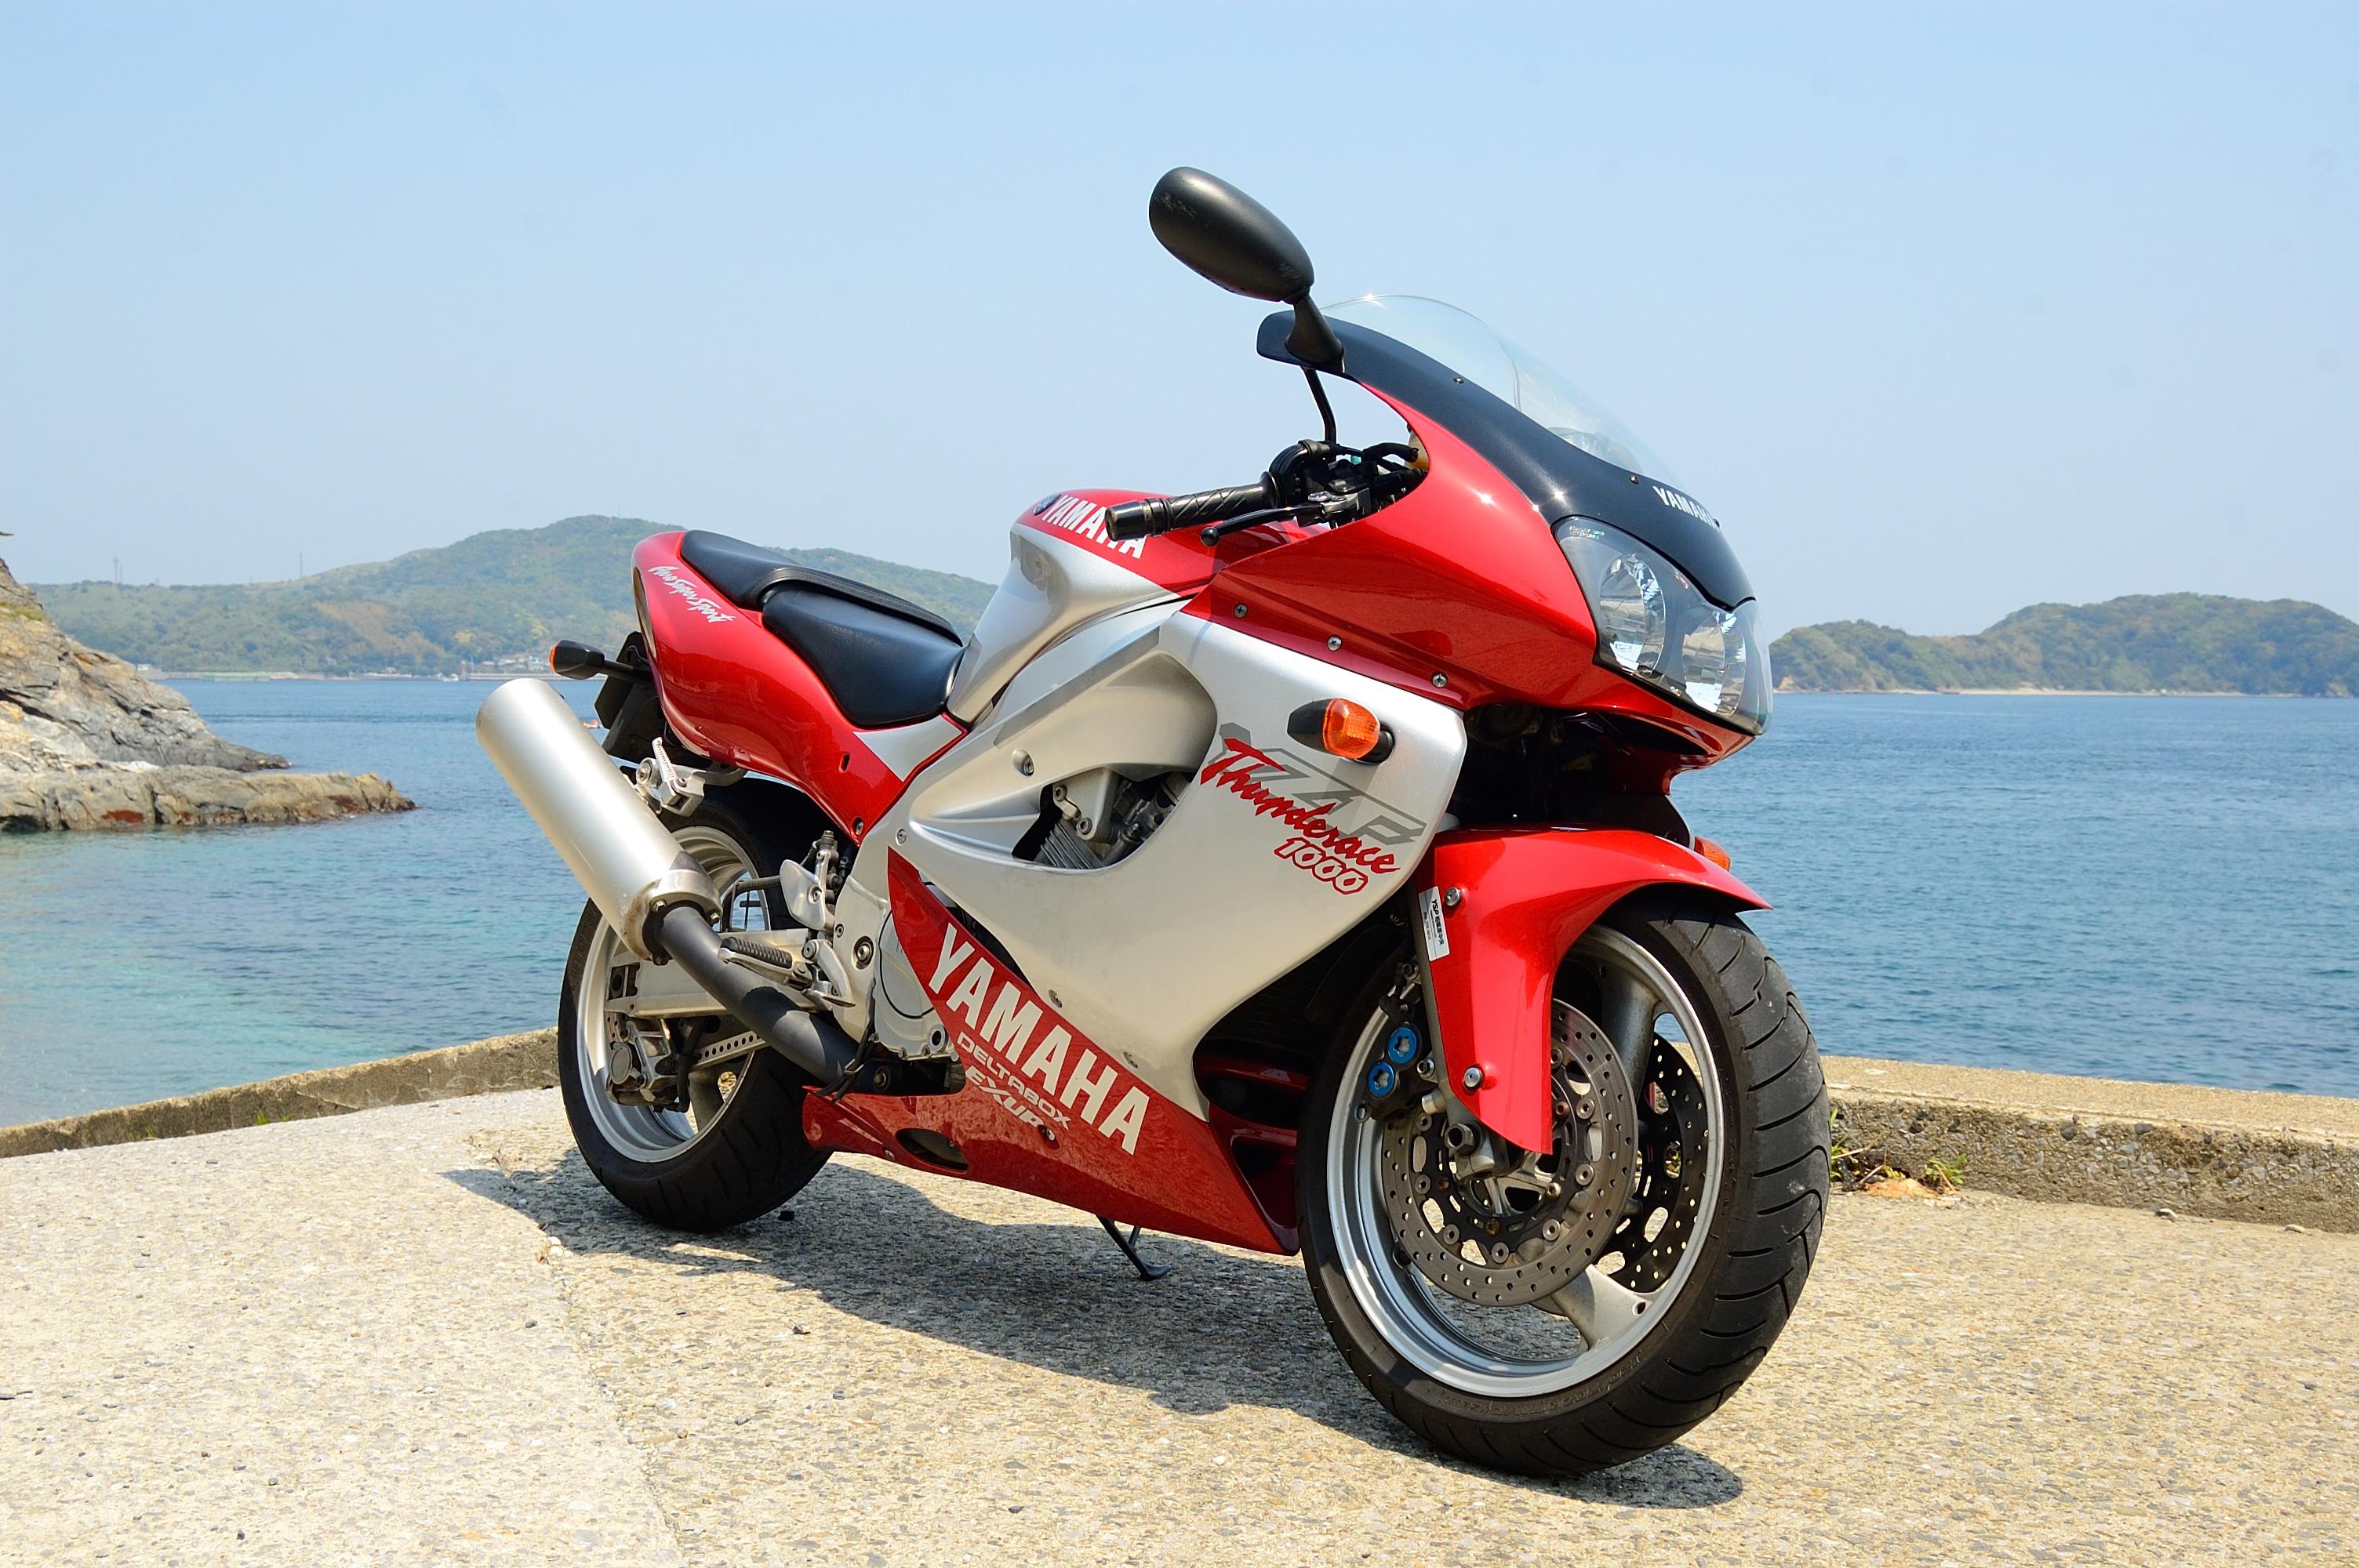 Yamaha YZF1000R Thunderace - Wikipedia